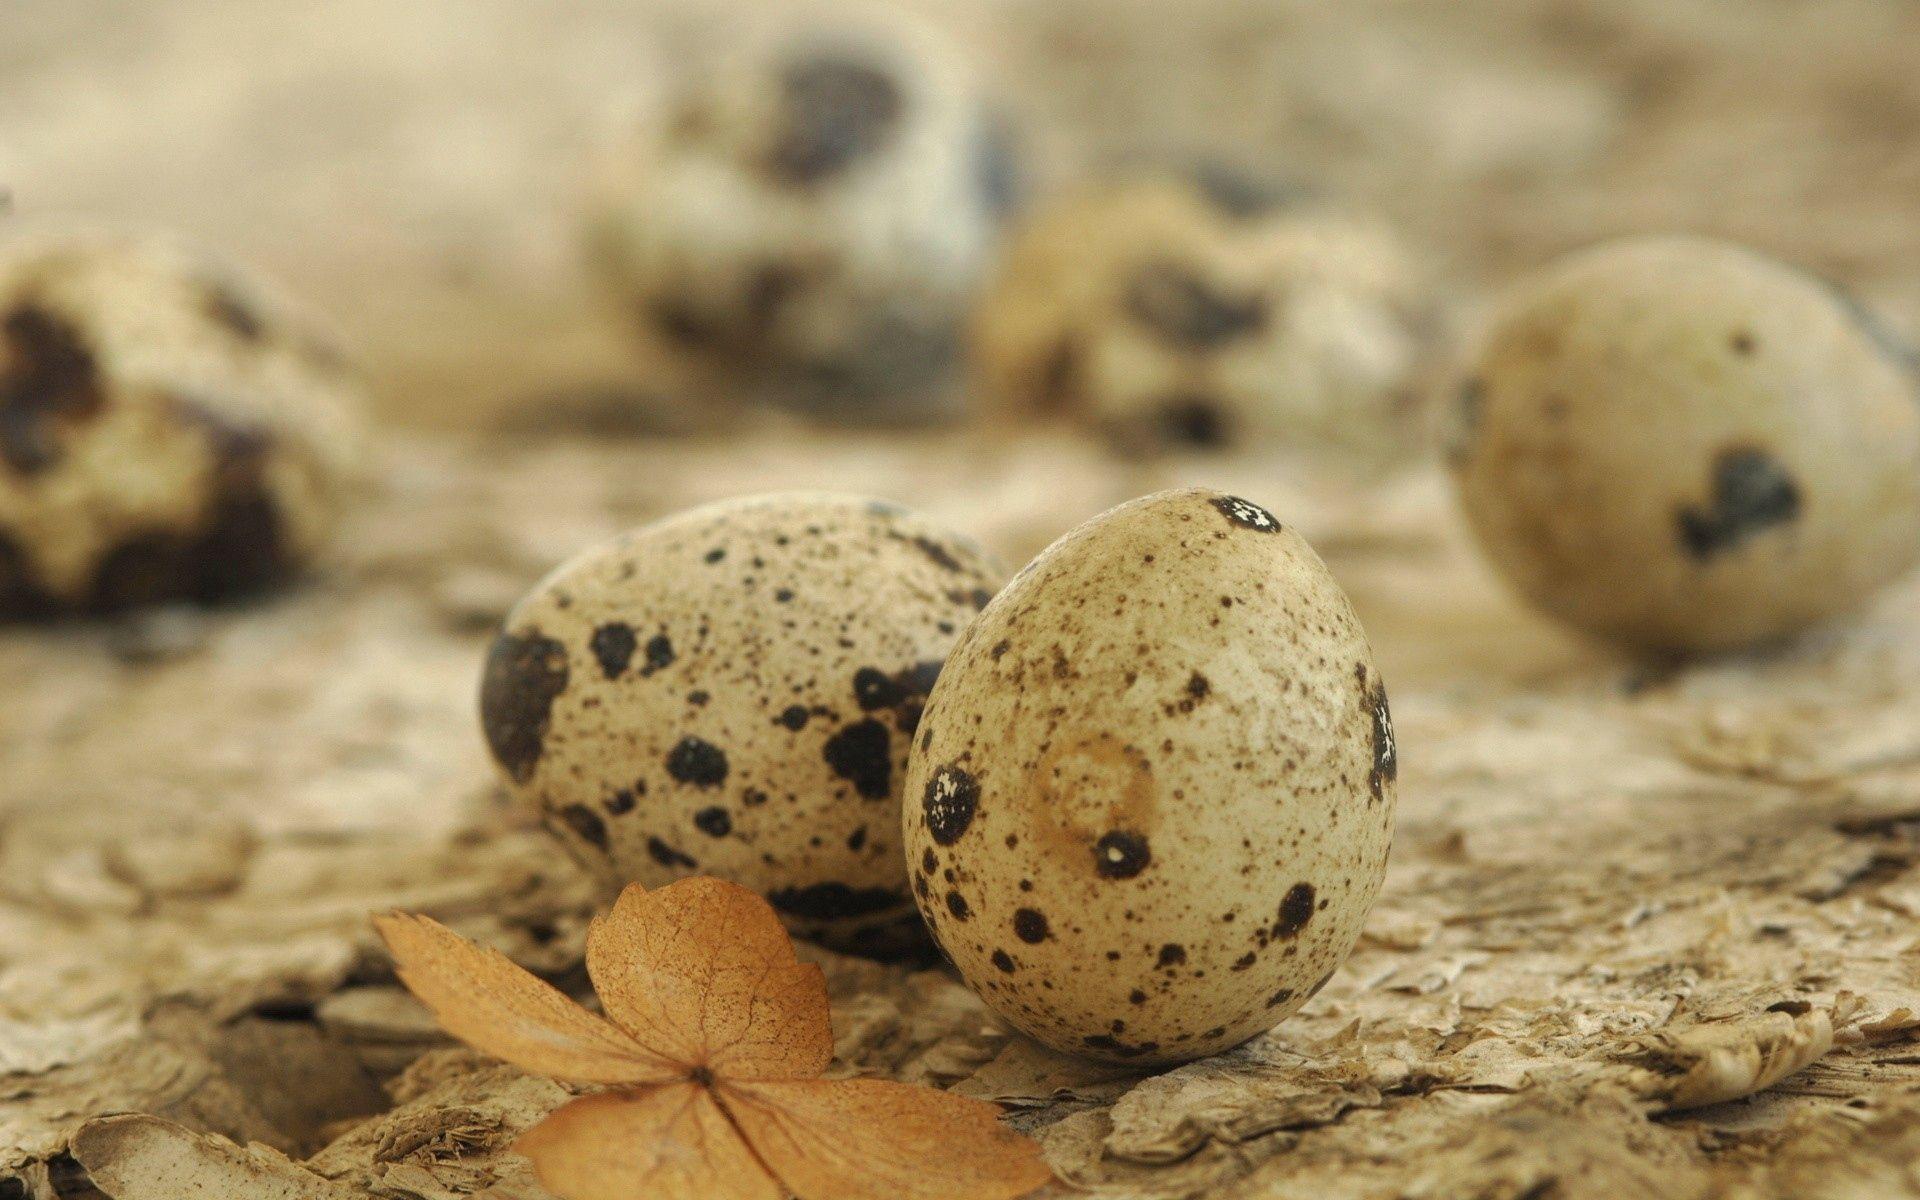 154348 Заставки и Обои Яйца на телефон. Скачать Яйца, Разное, Пятнистый, Лист, Перепелиный картинки бесплатно